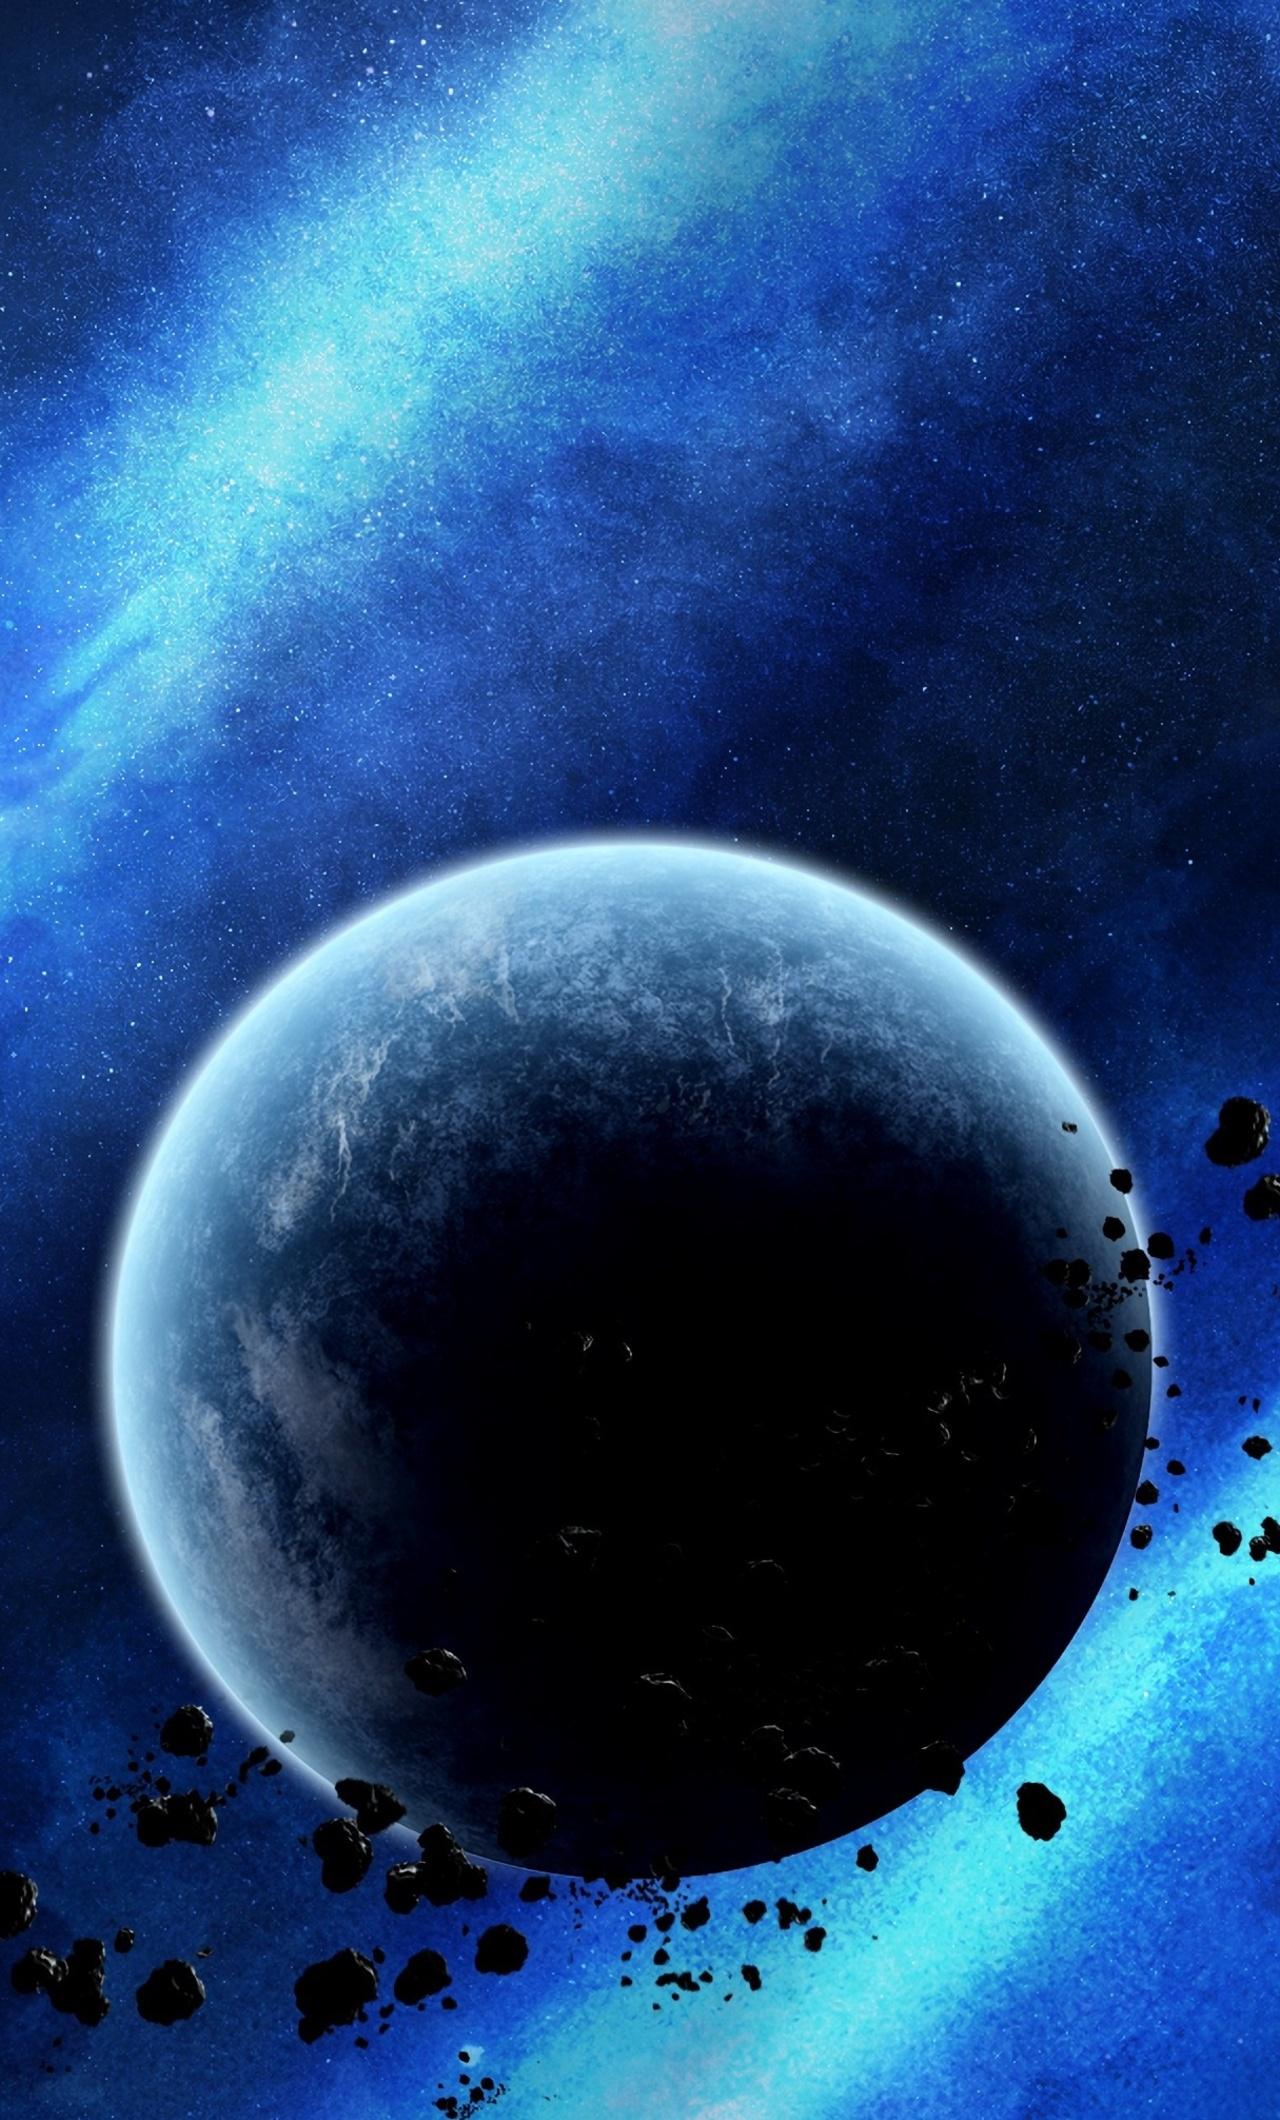 asteroids-in-space-4k-wt.jpg